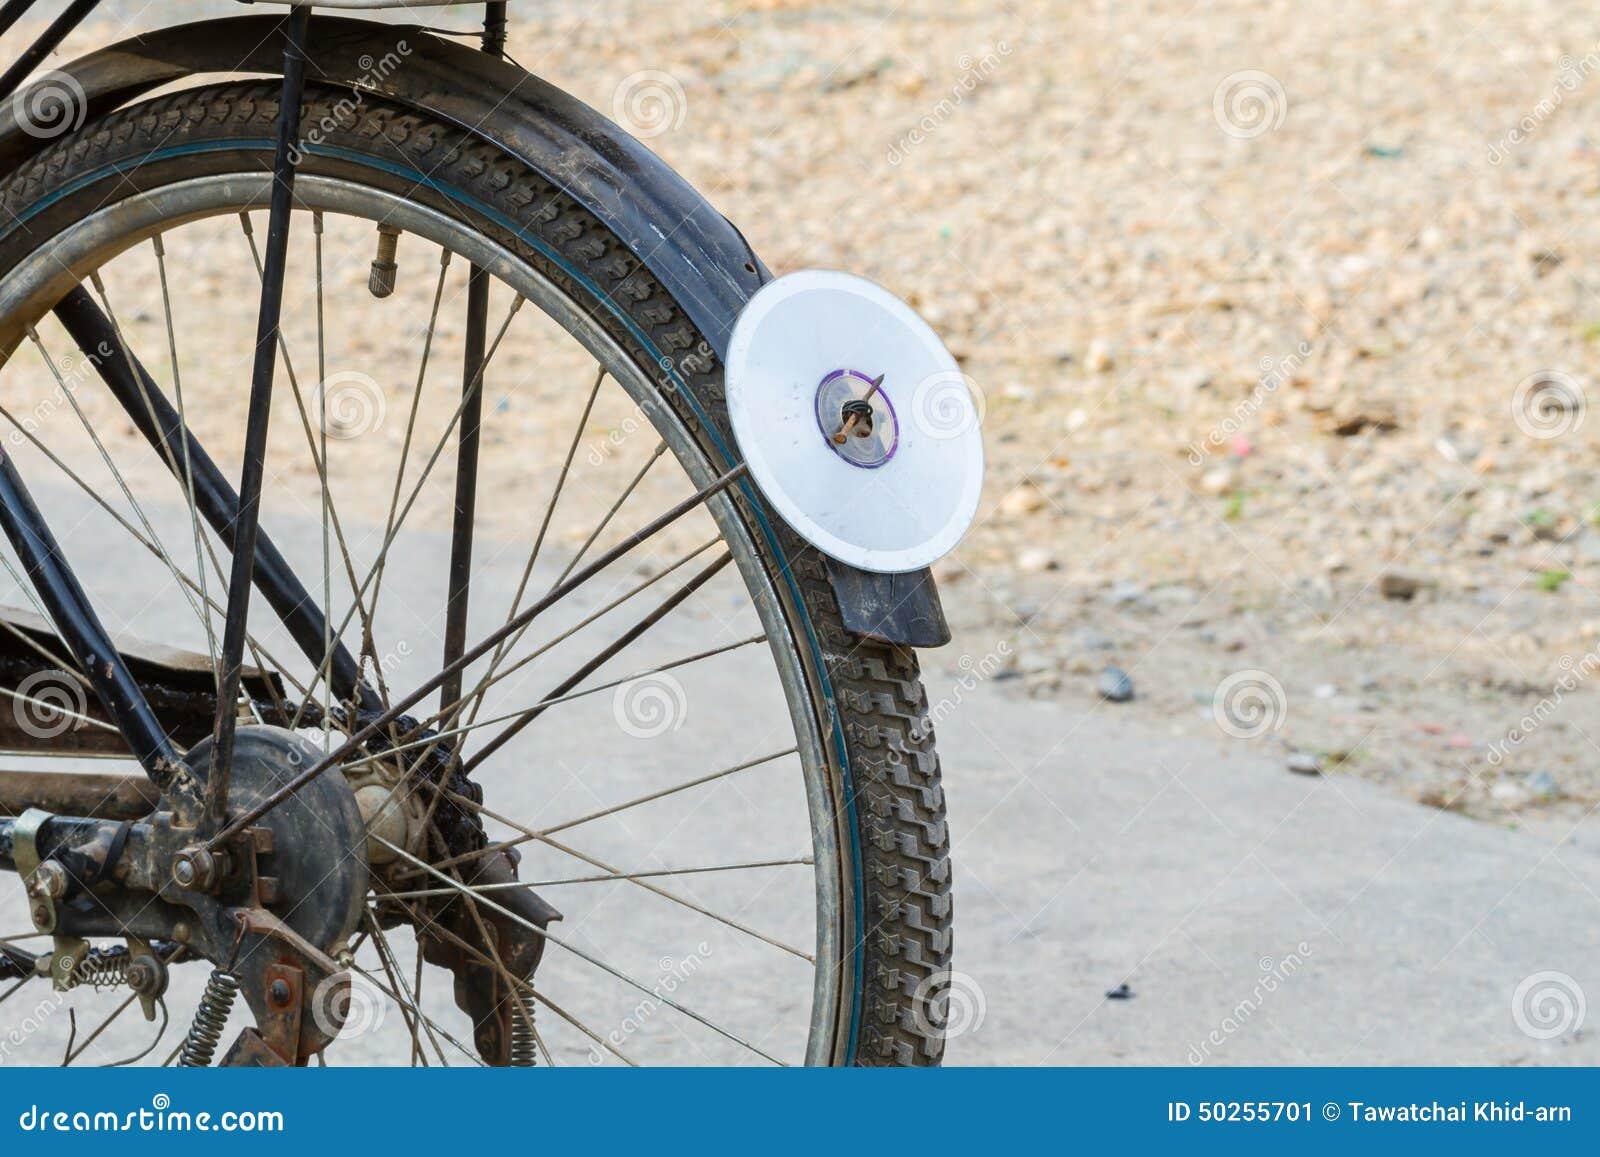 Disco del CD sul parafango posteriore della bicicletta, usato come riflettore